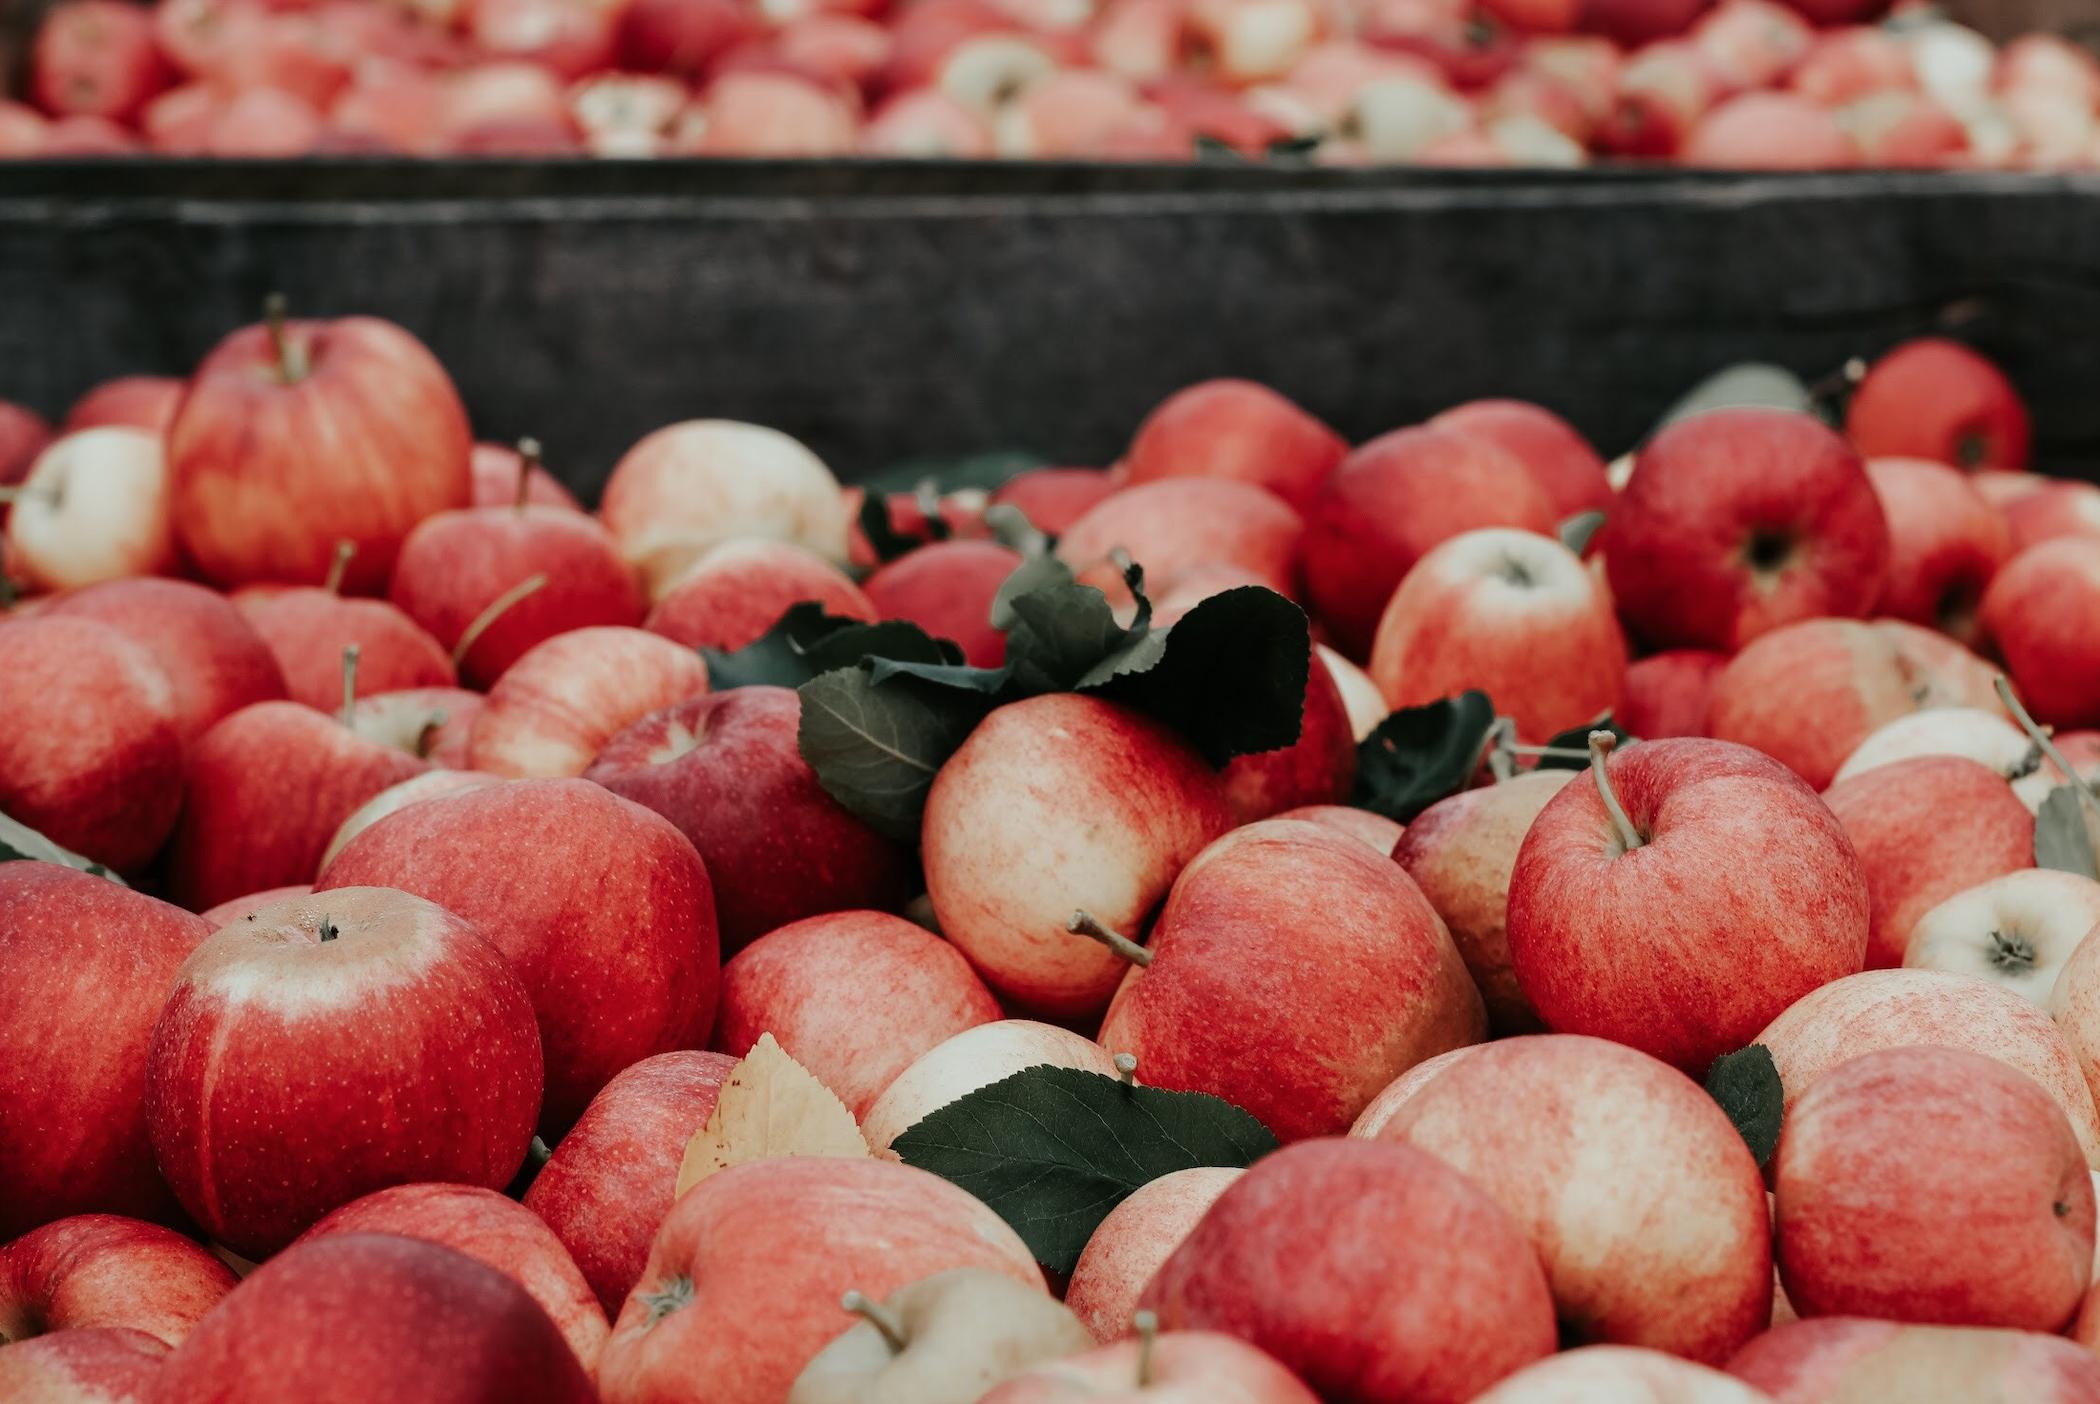 Nie wieder faulige Äpfel aufheben! 2. Platz beim SmartCity-Wettbewerb